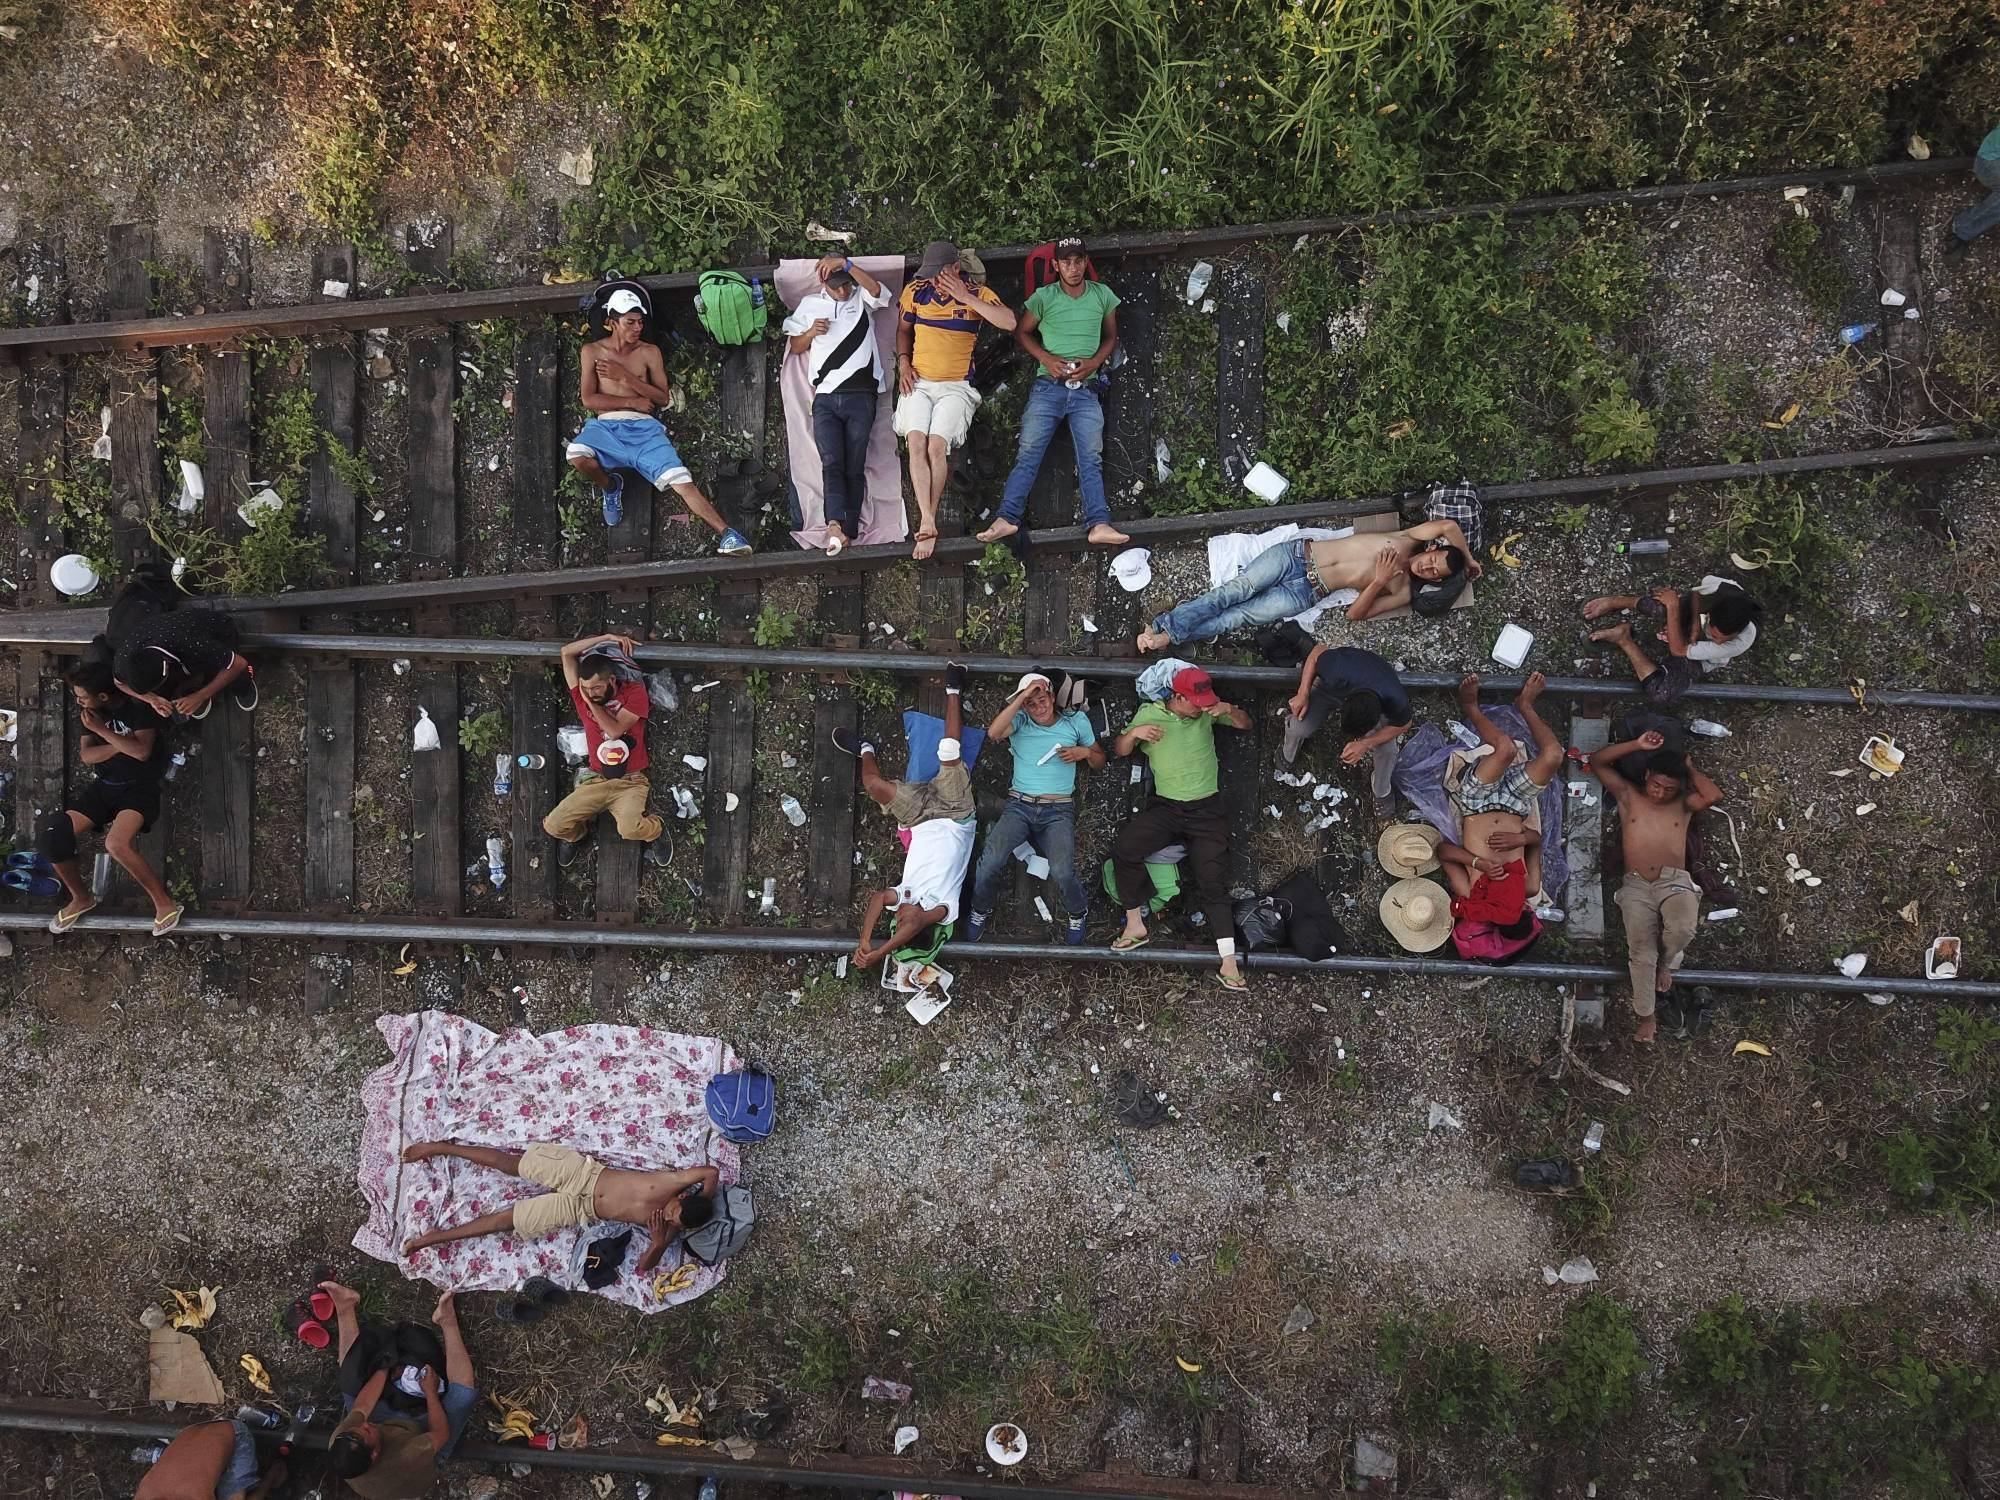 United Nations says almost 2,000 migrants leave caravan, seek asylum in Mexico